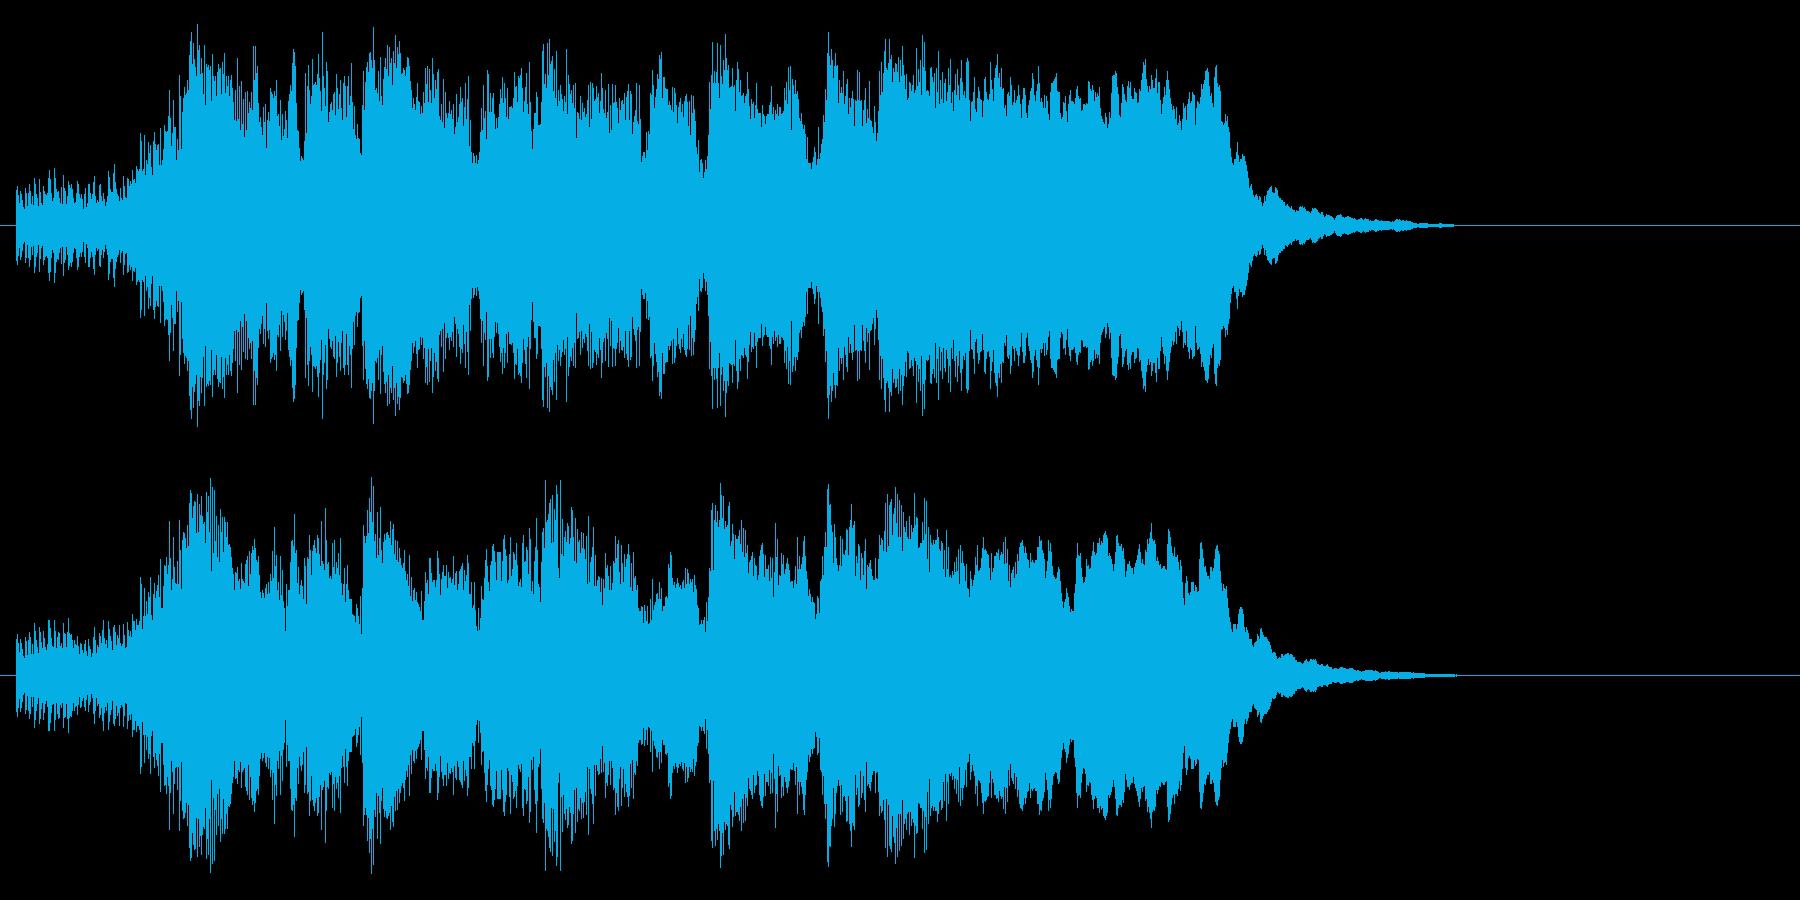 ヨーロッパ 表彰 発表 ファンファーレの再生済みの波形